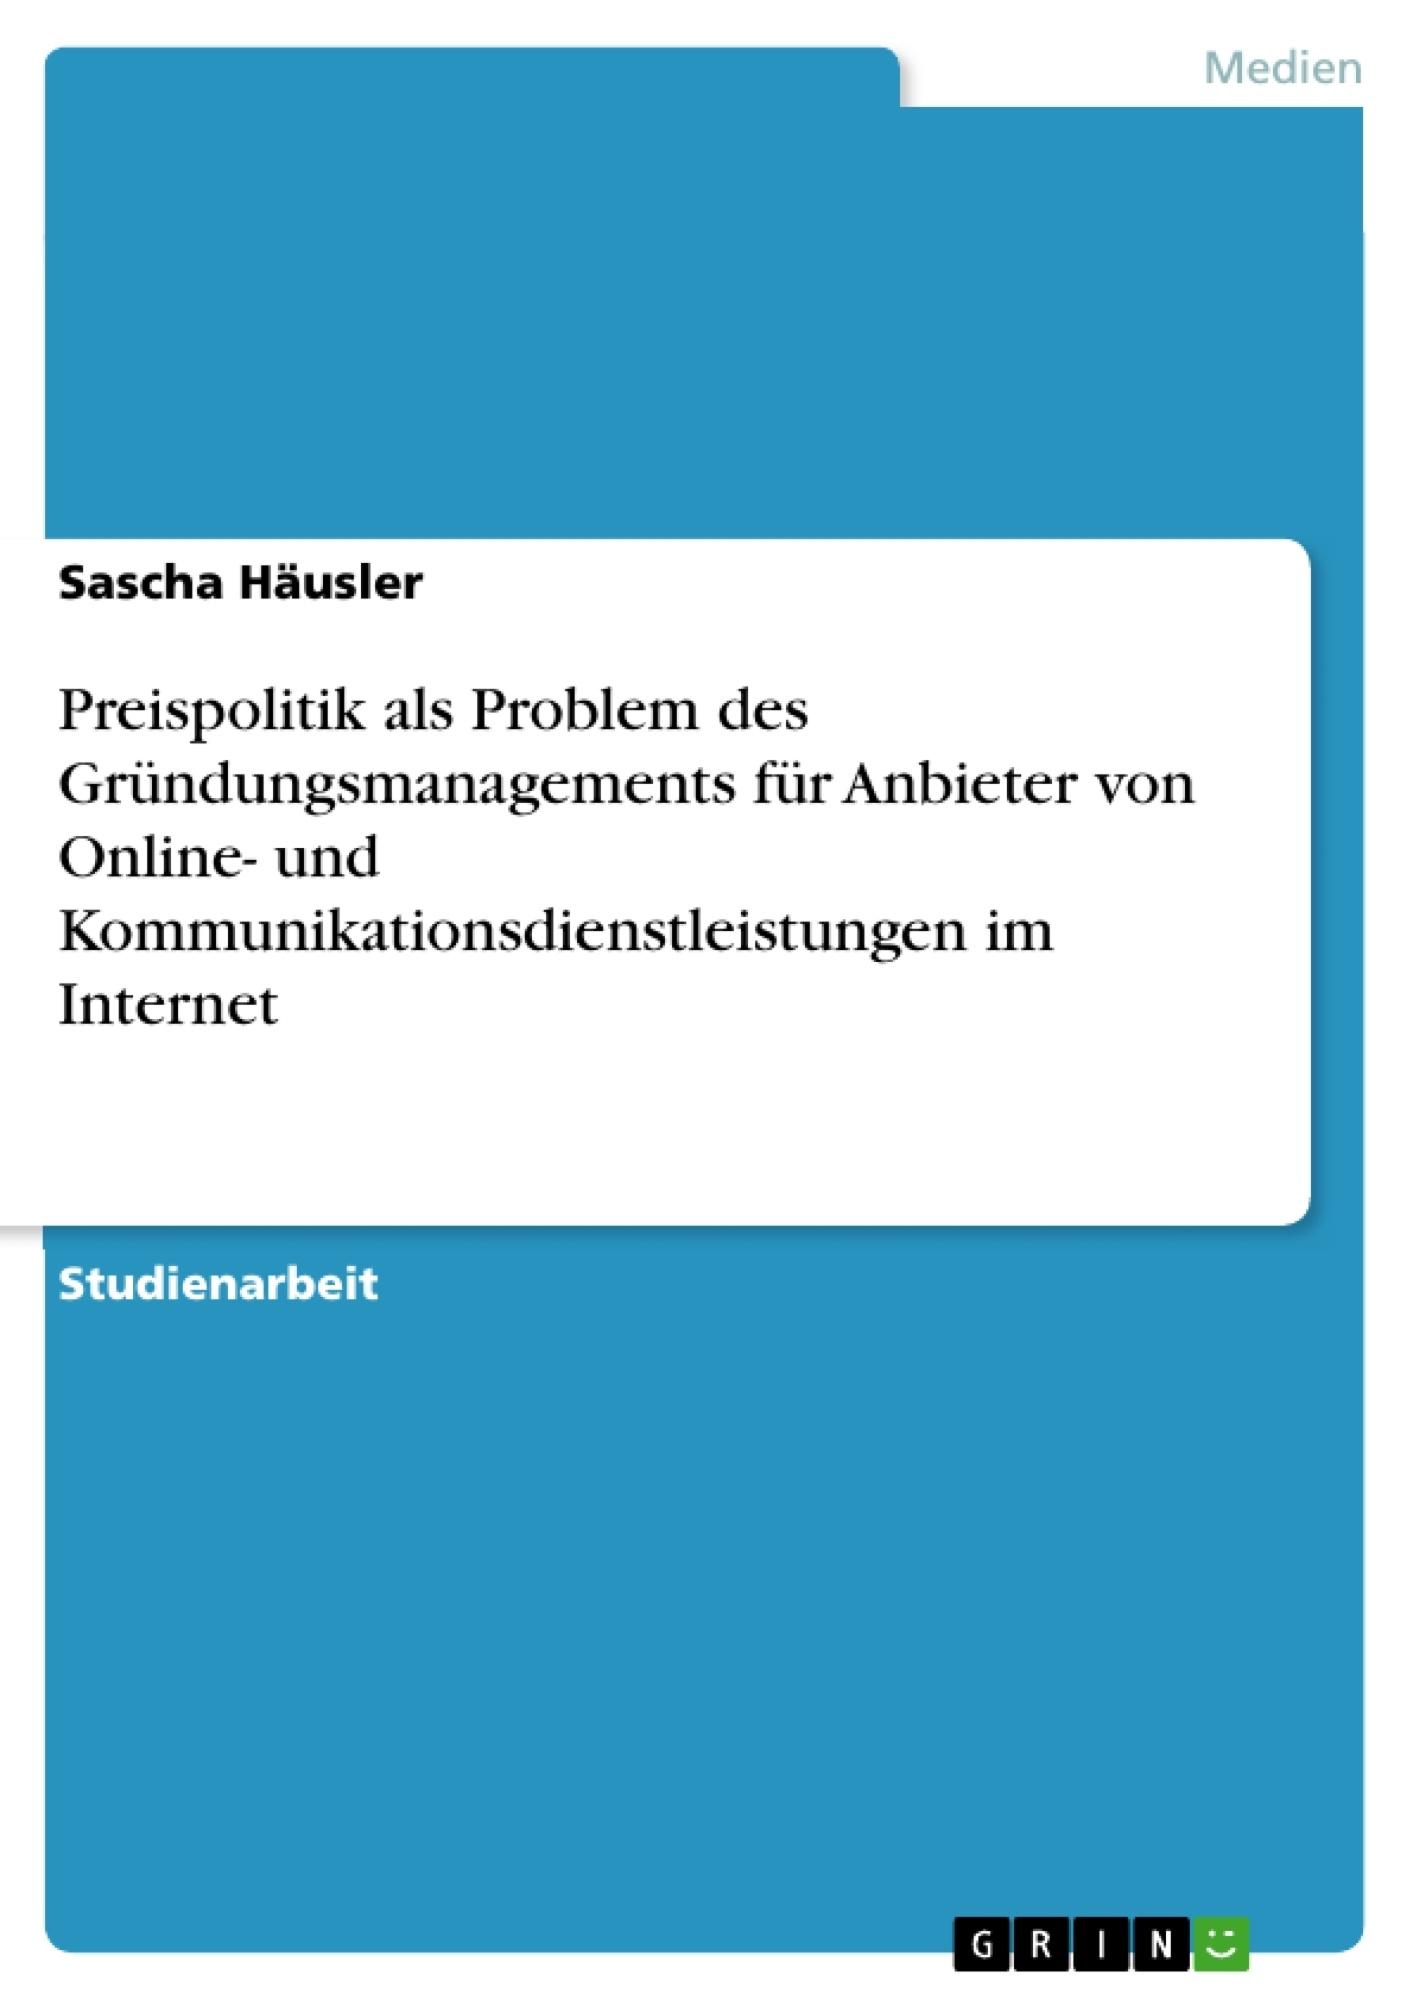 Titel: Preispolitik als Problem des Gründungsmanagements für Anbieter von Online- und Kommunikationsdienstleistungen im Internet